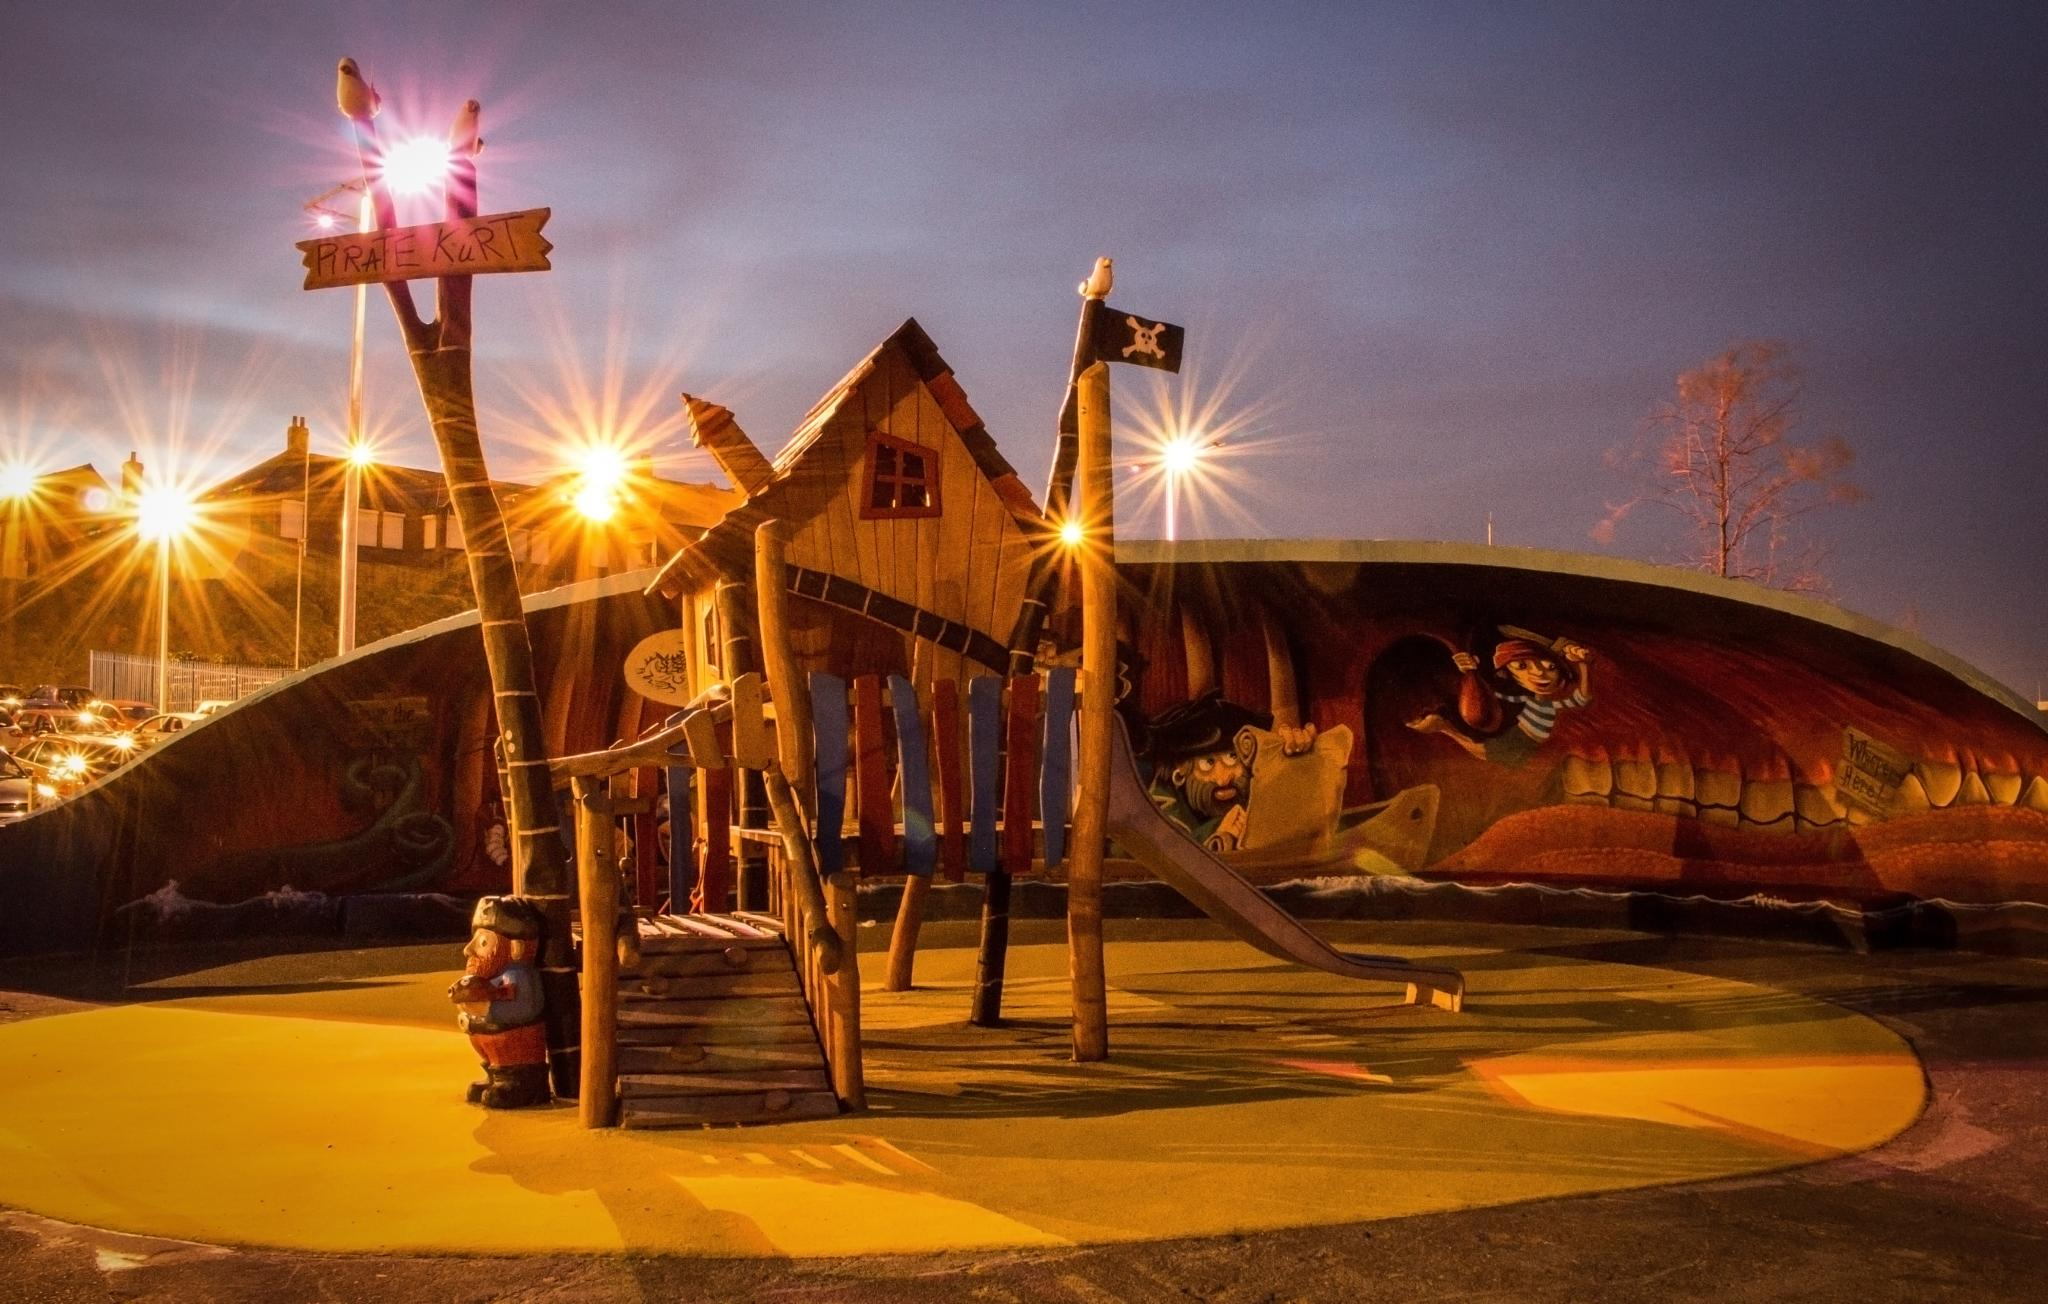 Roker Play Park by Bobby White